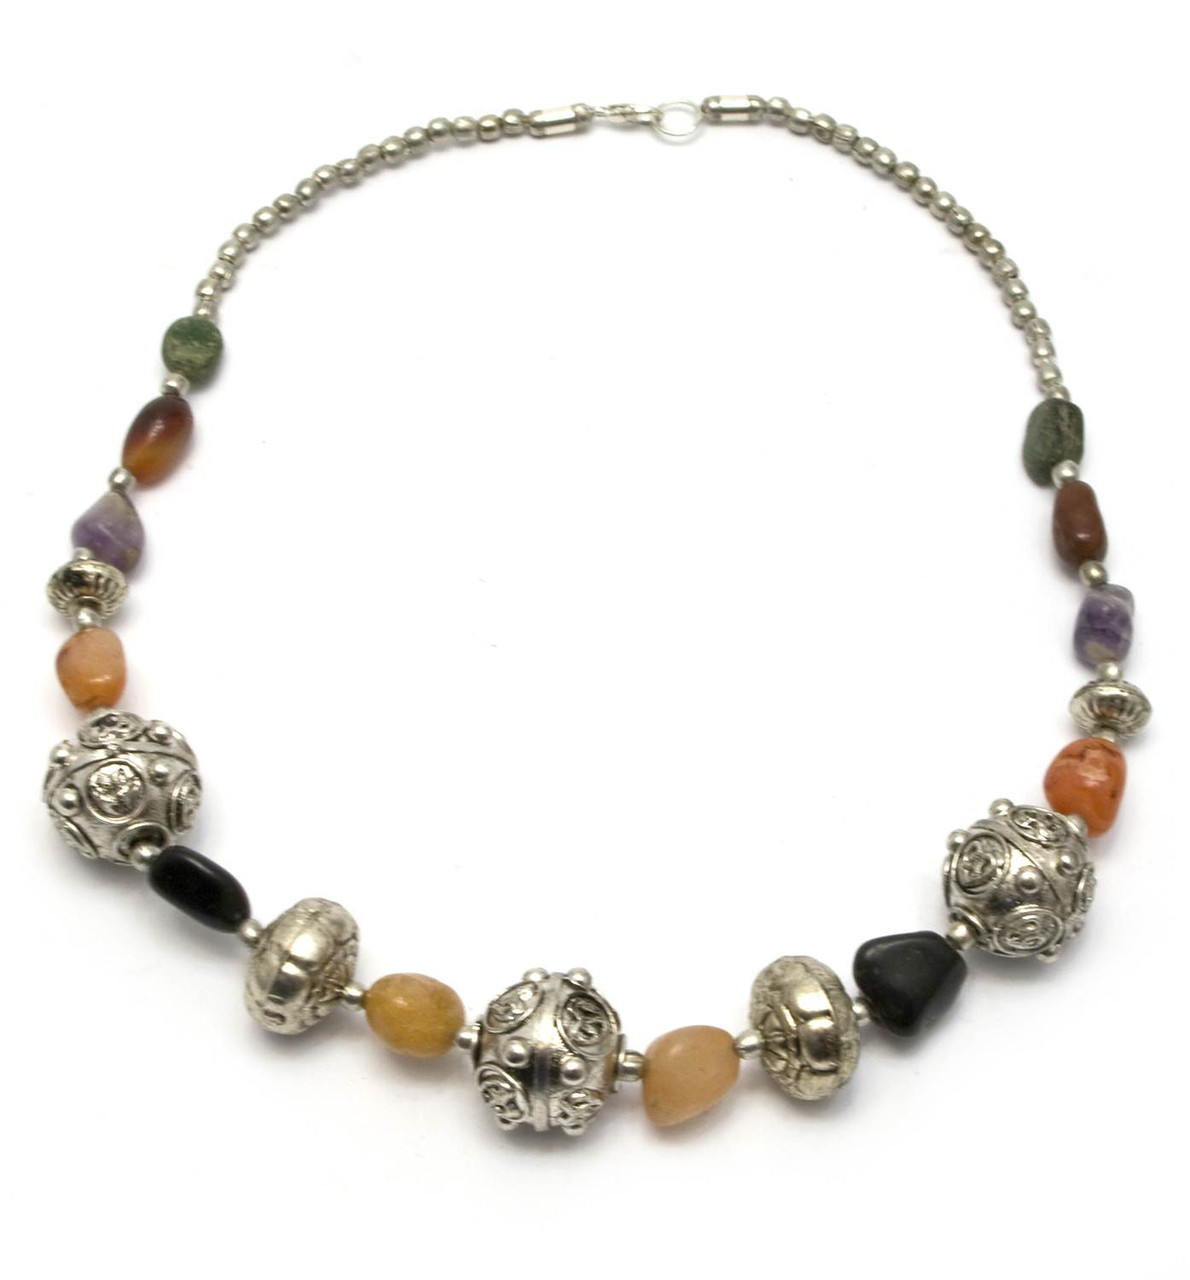 """Ожерелье из агата и металла (25 см) - Интернет-магазин """"Зелёная игуана"""" в Александрии"""